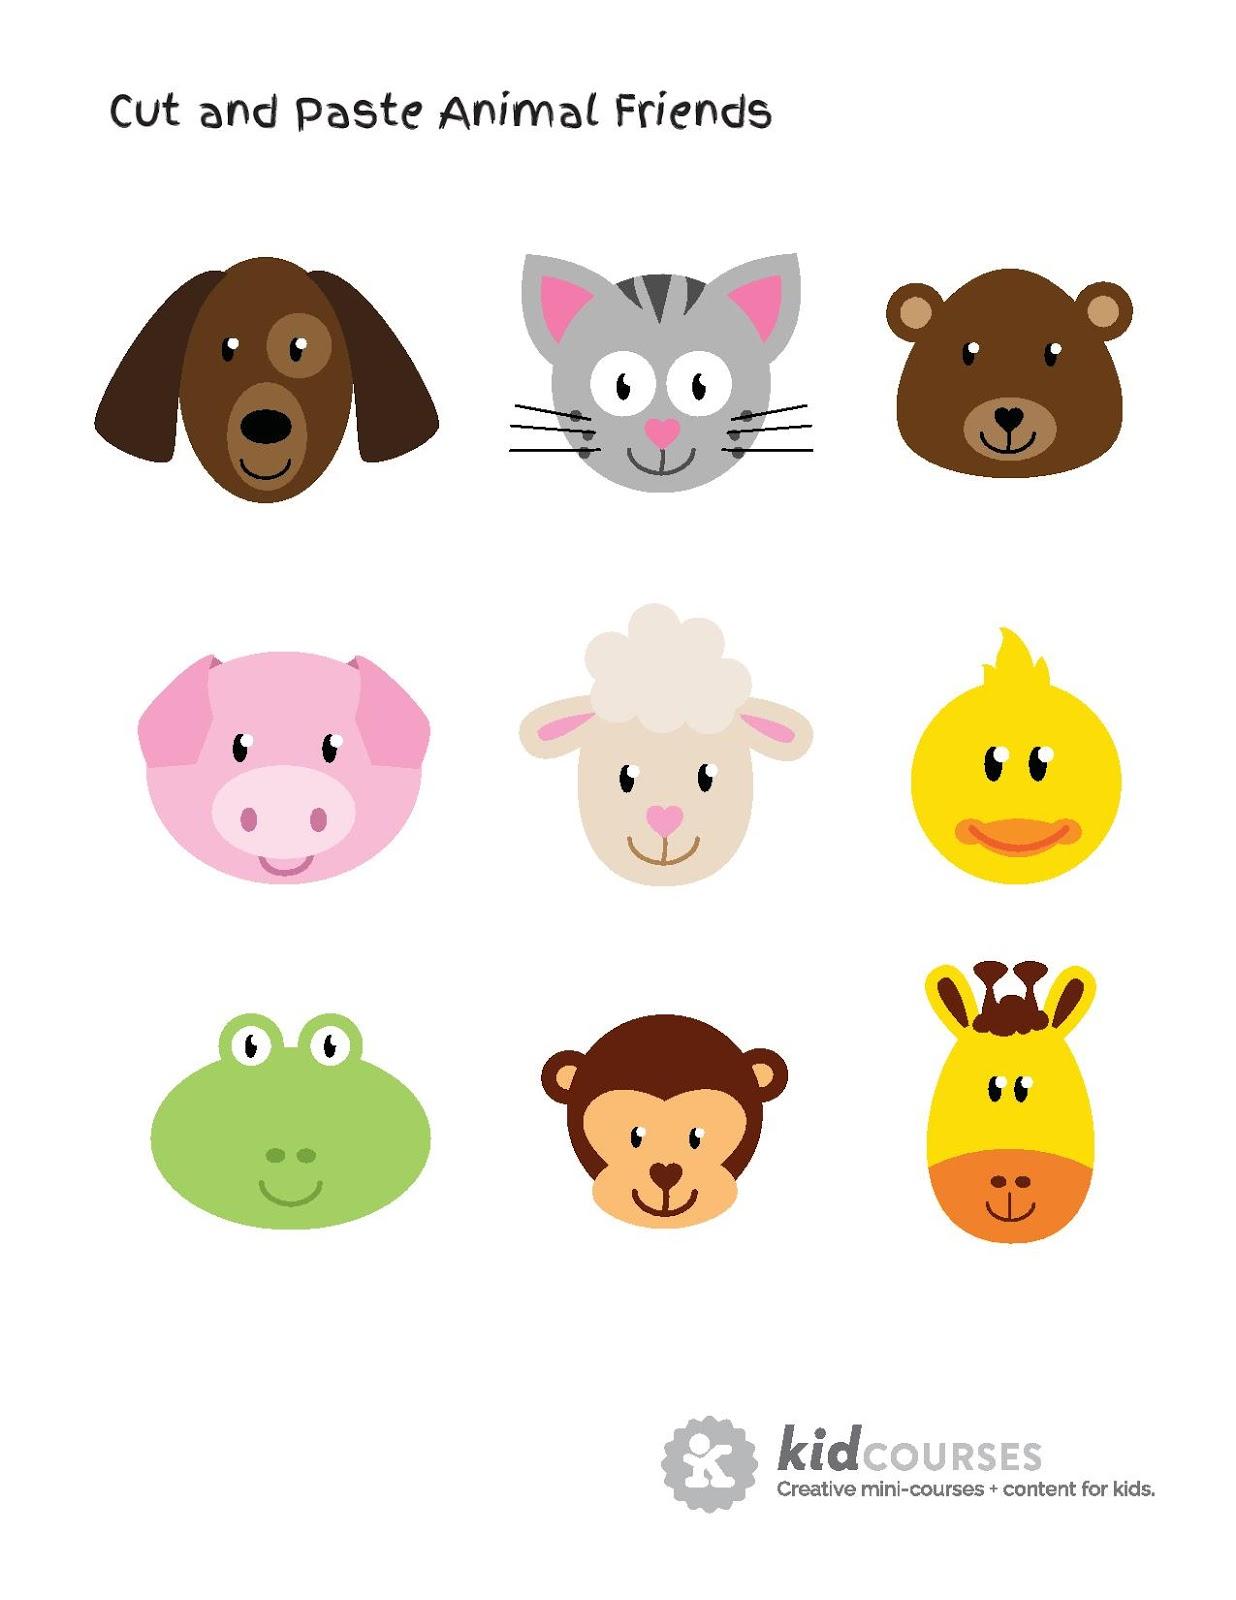 http://4.bp.blogspot.com/-x1e4U4-Y8Yk/U4yY79oqQYI/AAAAAAAAGMk/ohhV6UC4PnQ/s1600/asl-animals-page-page-001.jpg